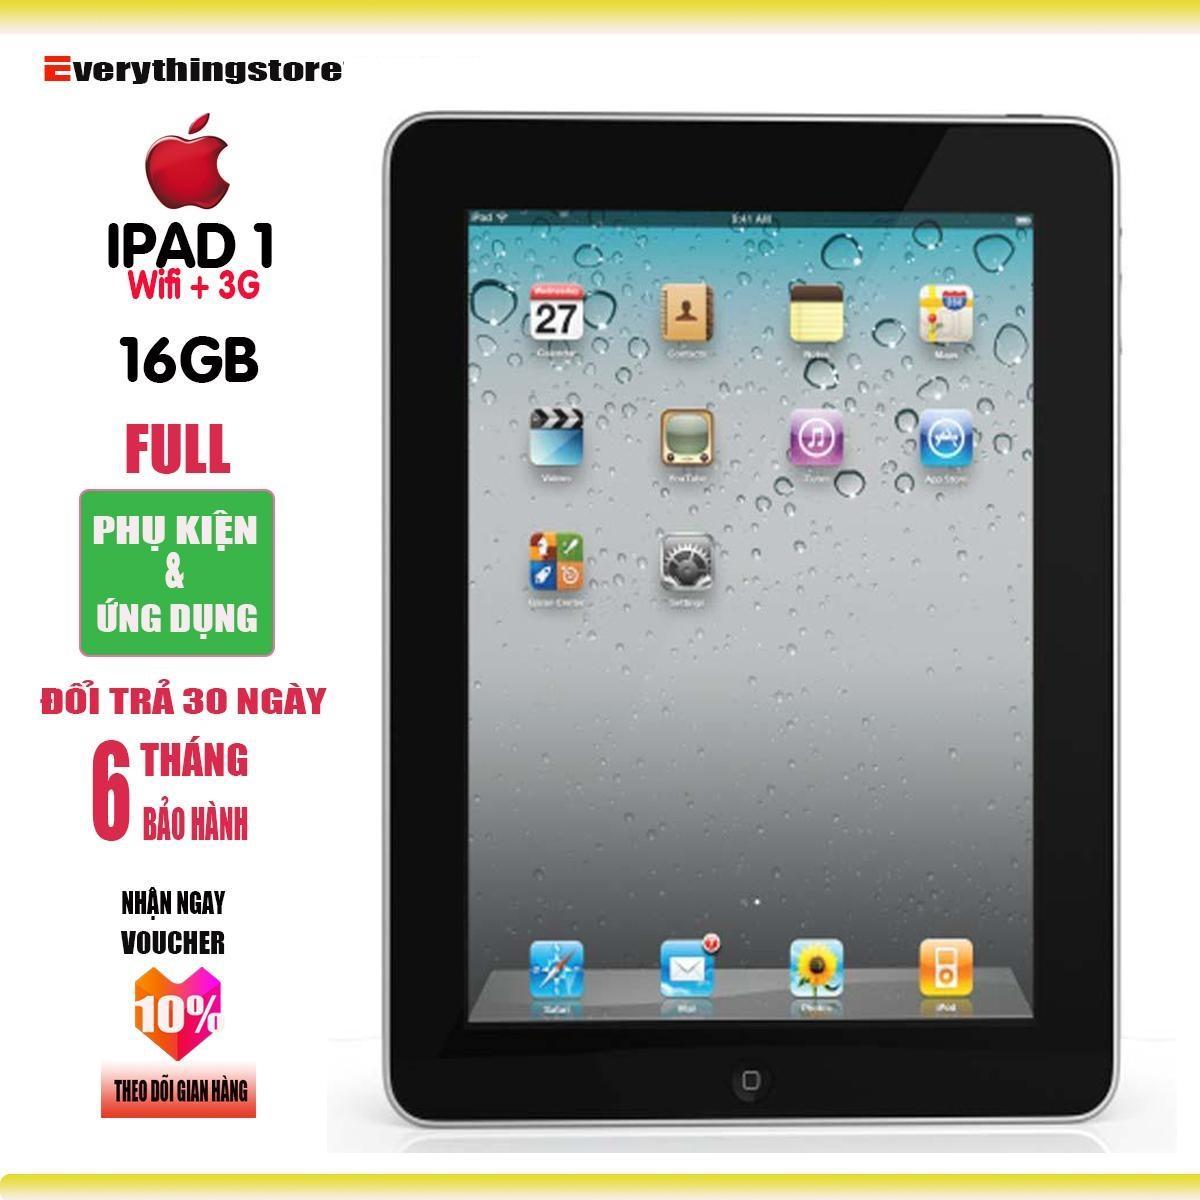 Máy tính bảng iPAD1 - 16GB - Bản xài sim 3G - Bảo hành 6T - Full ứng dụng - Full phụ kiện - Everything Store Nhật Bản